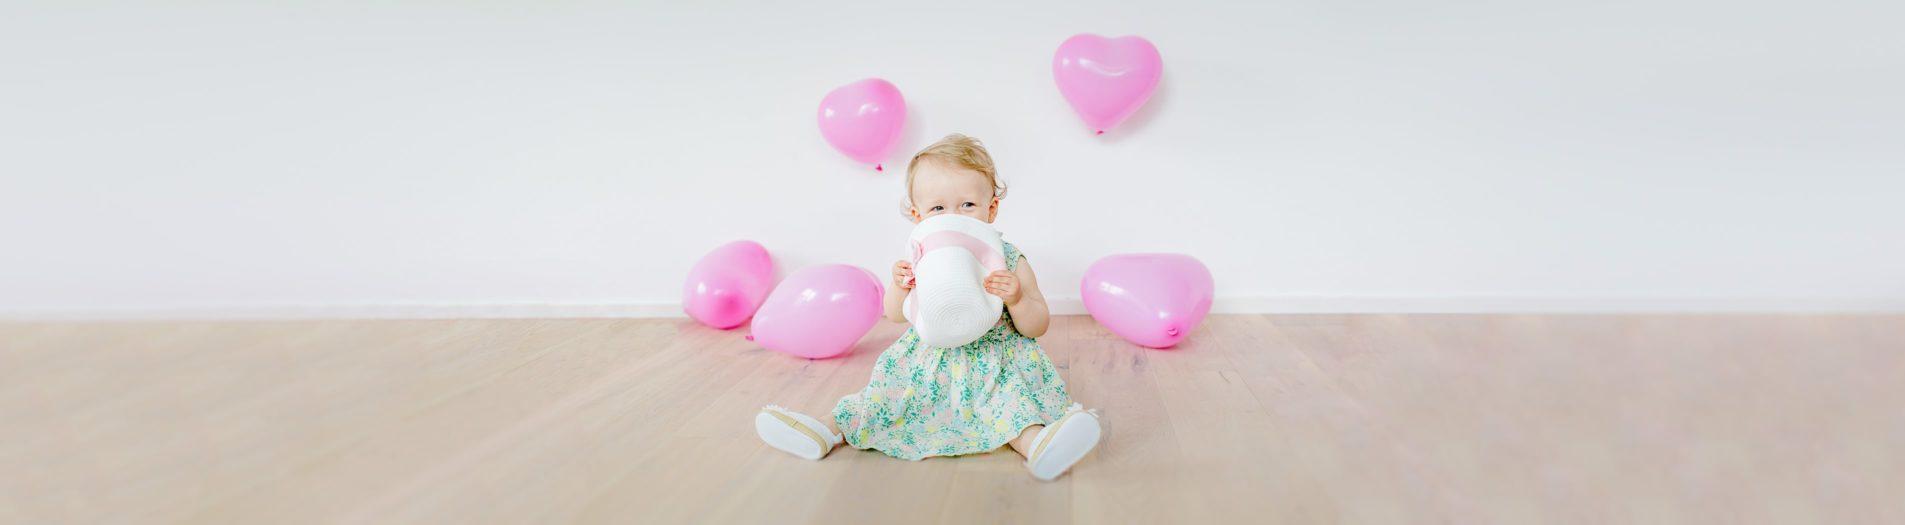 Ein kleines süßes Mädchen mit 1000 Gesichtern